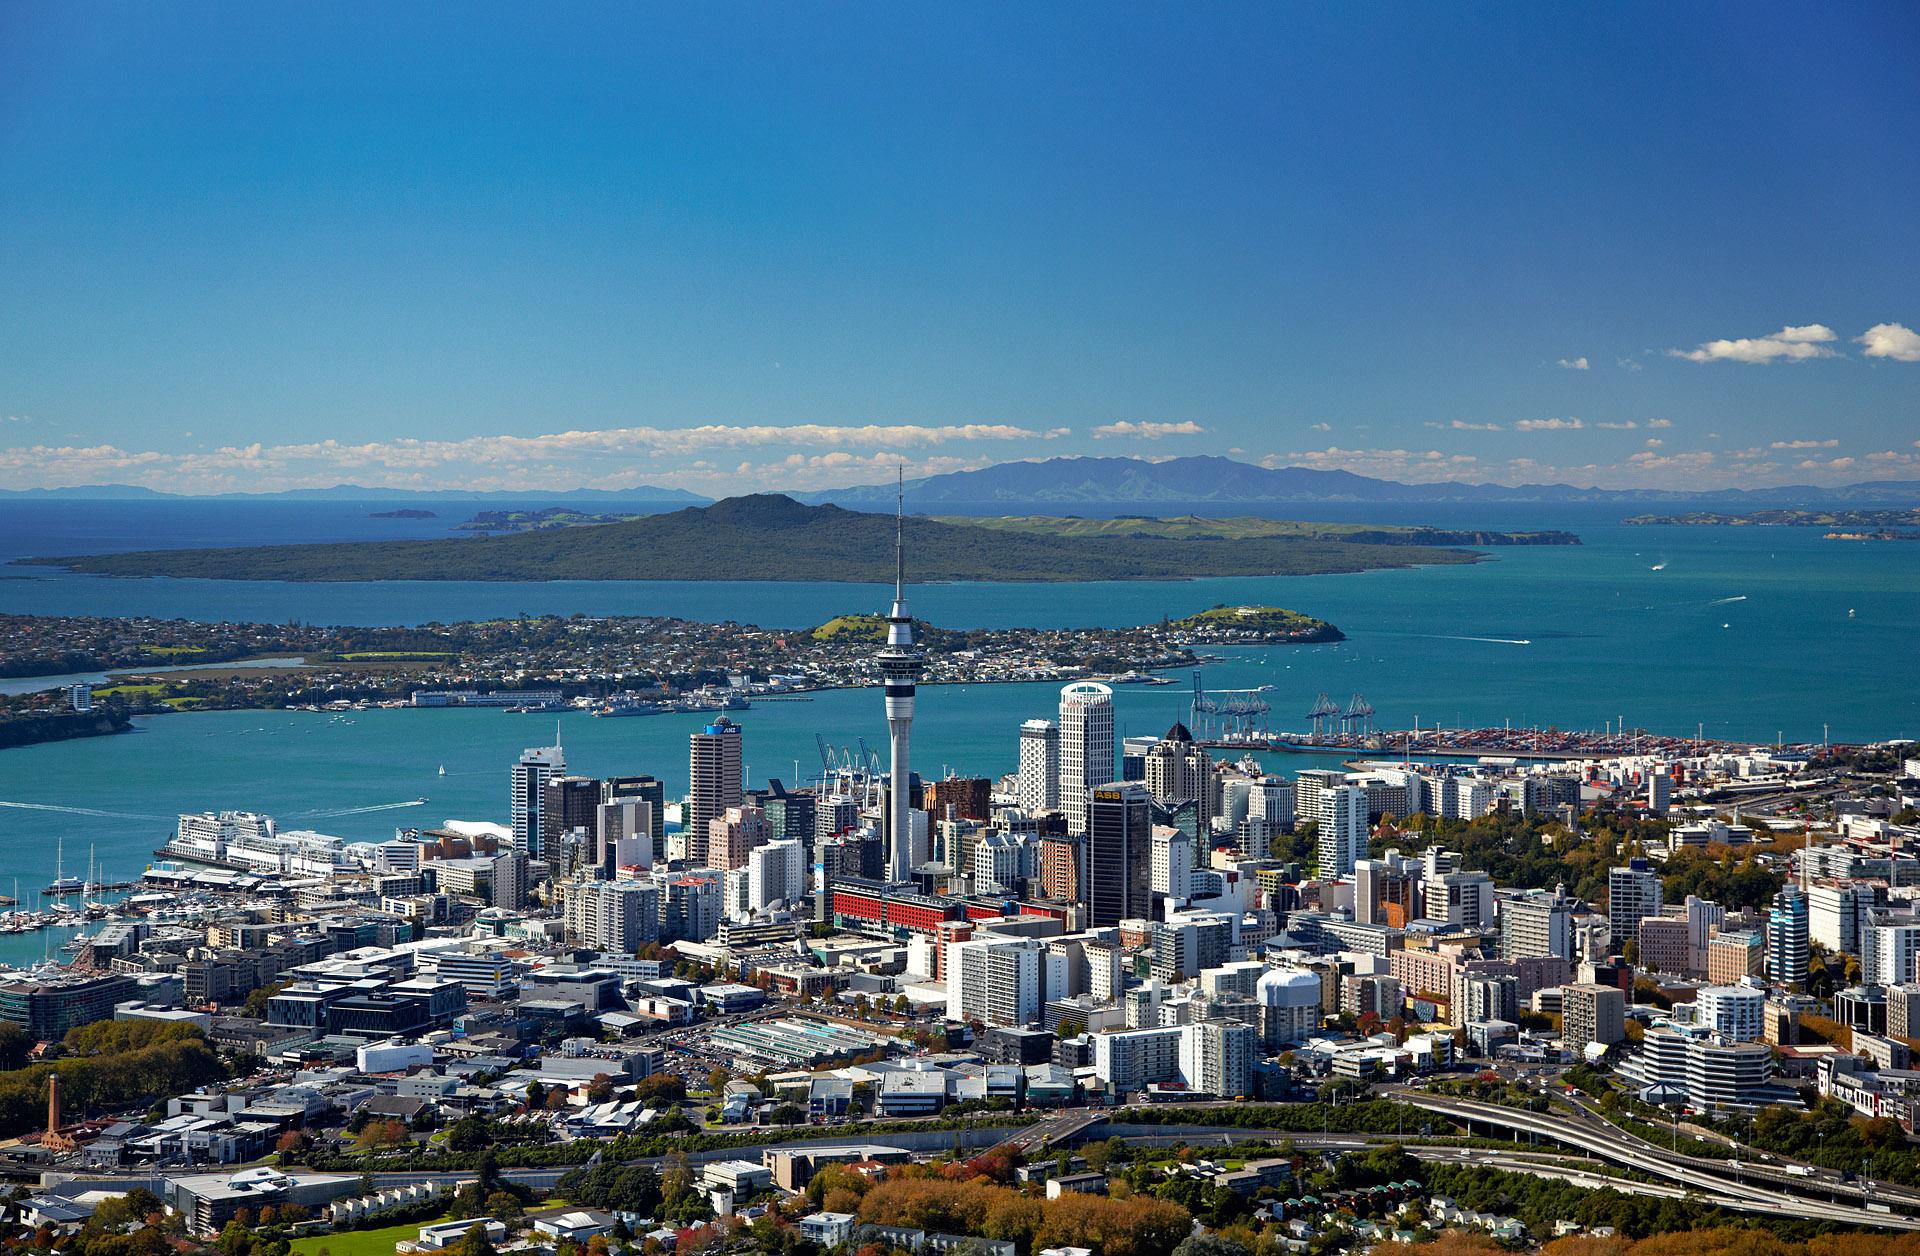 открытка новая зеландия серьезный манильщик или